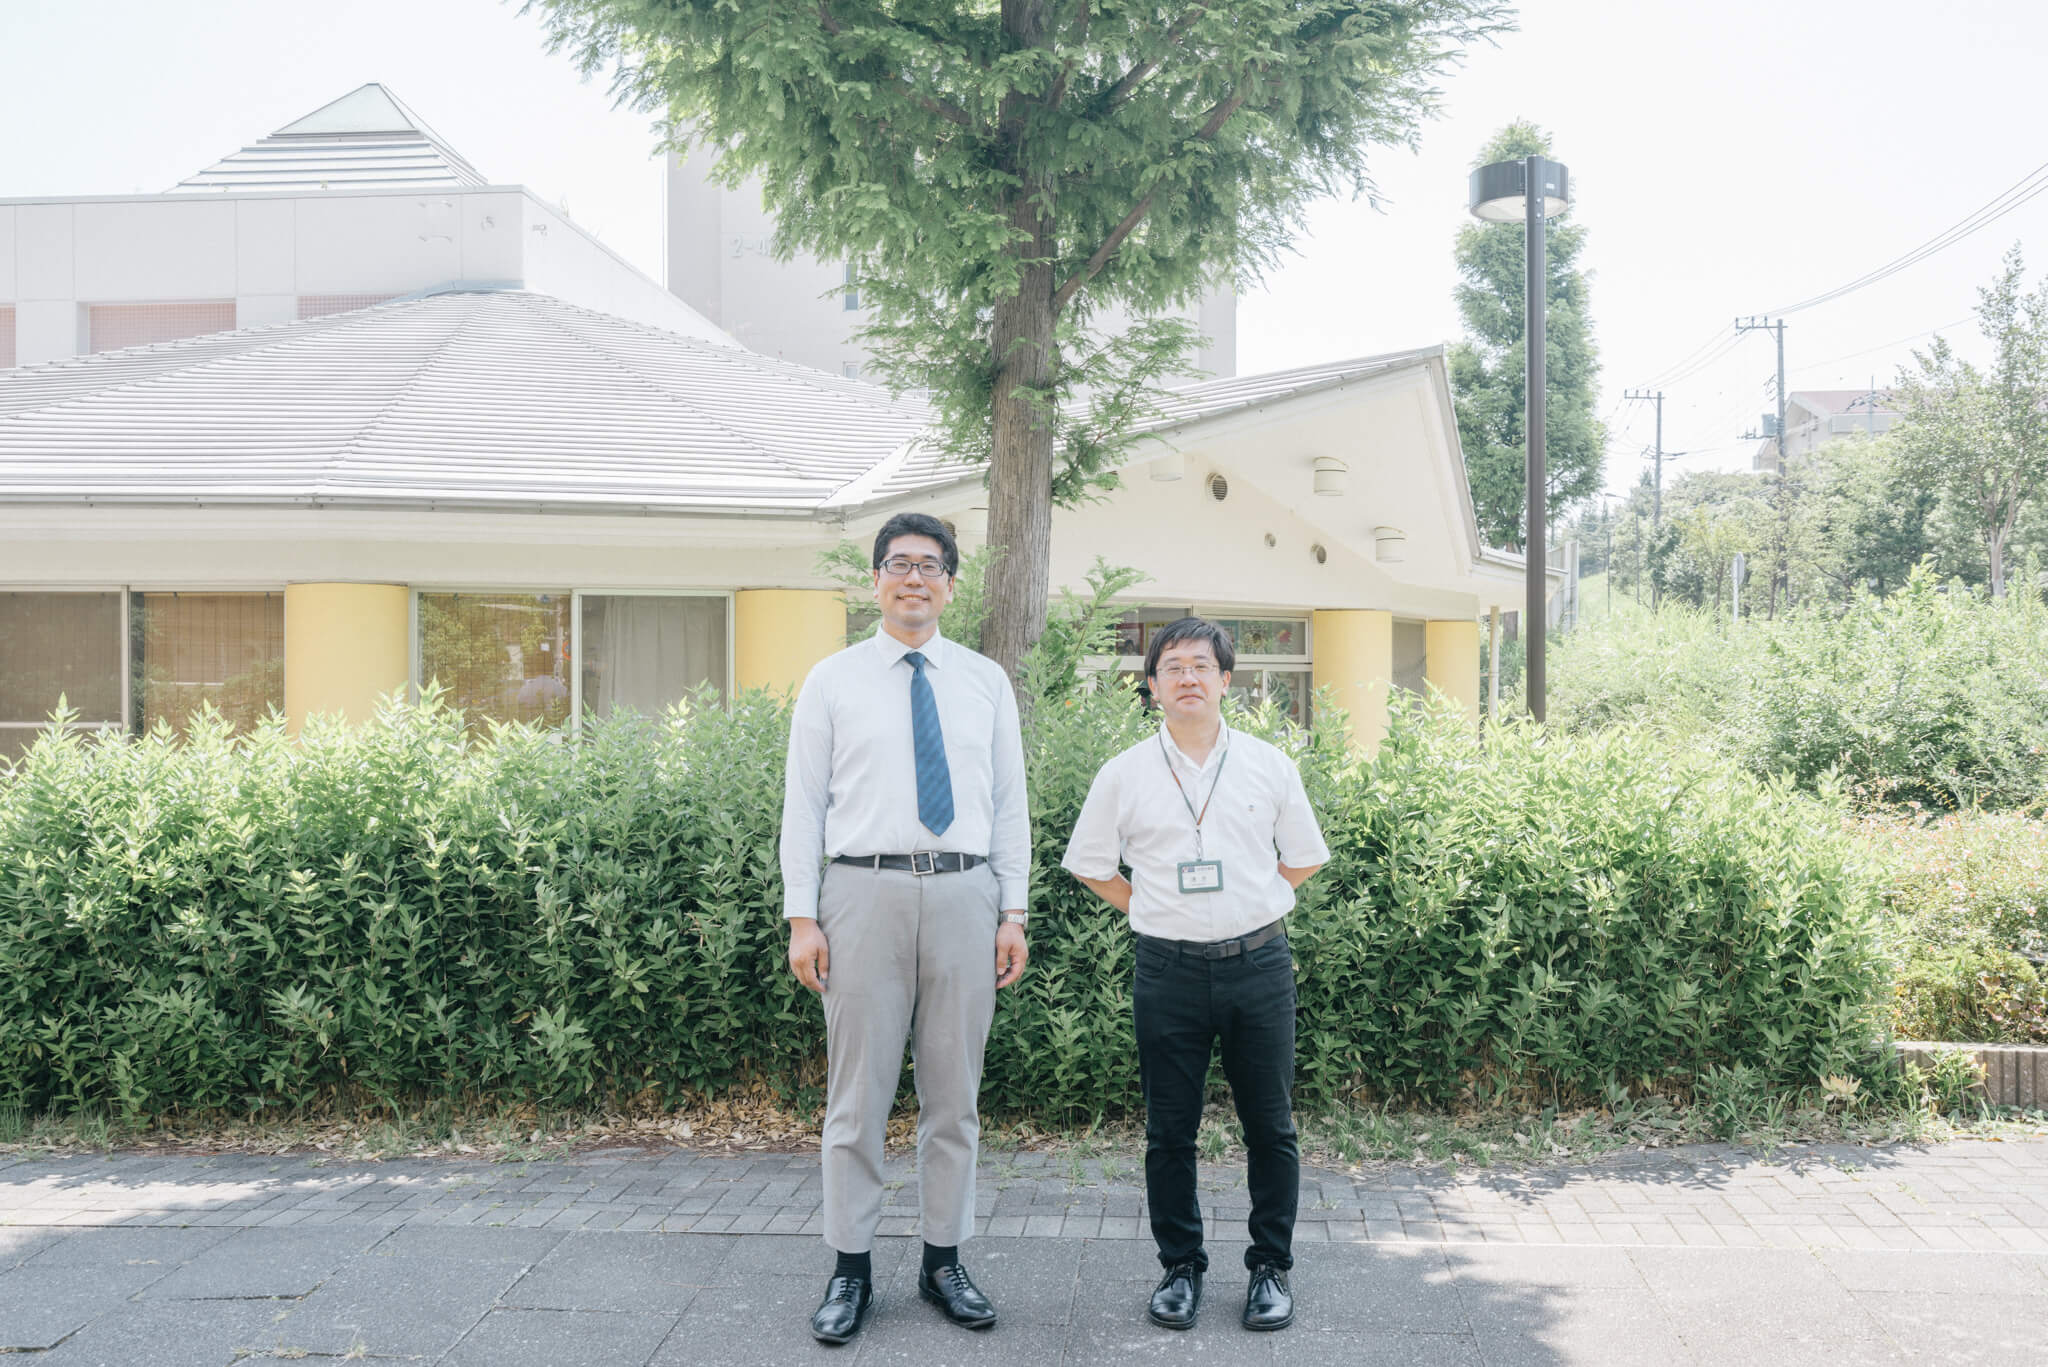 ご案内いただいたのは、UR都市機構の清水成俊さん(右)と、小澤唯幸さん(左)